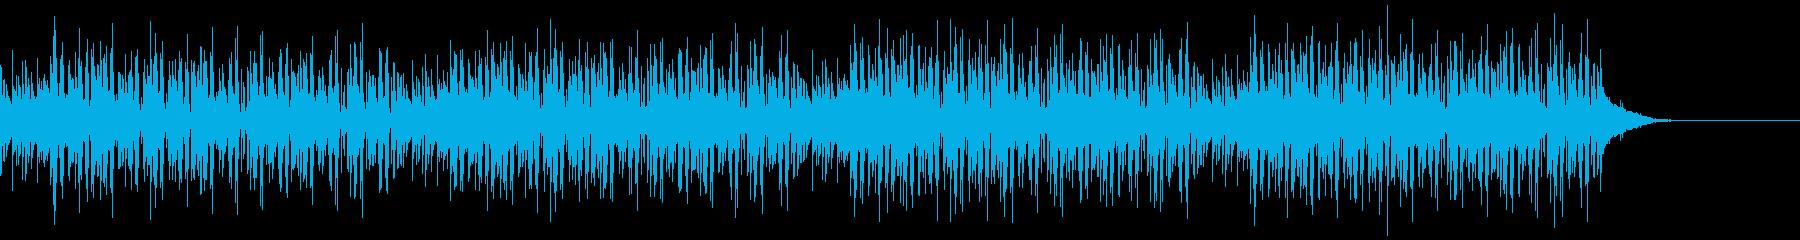 Pf「潜入」和風現代ジャズの再生済みの波形